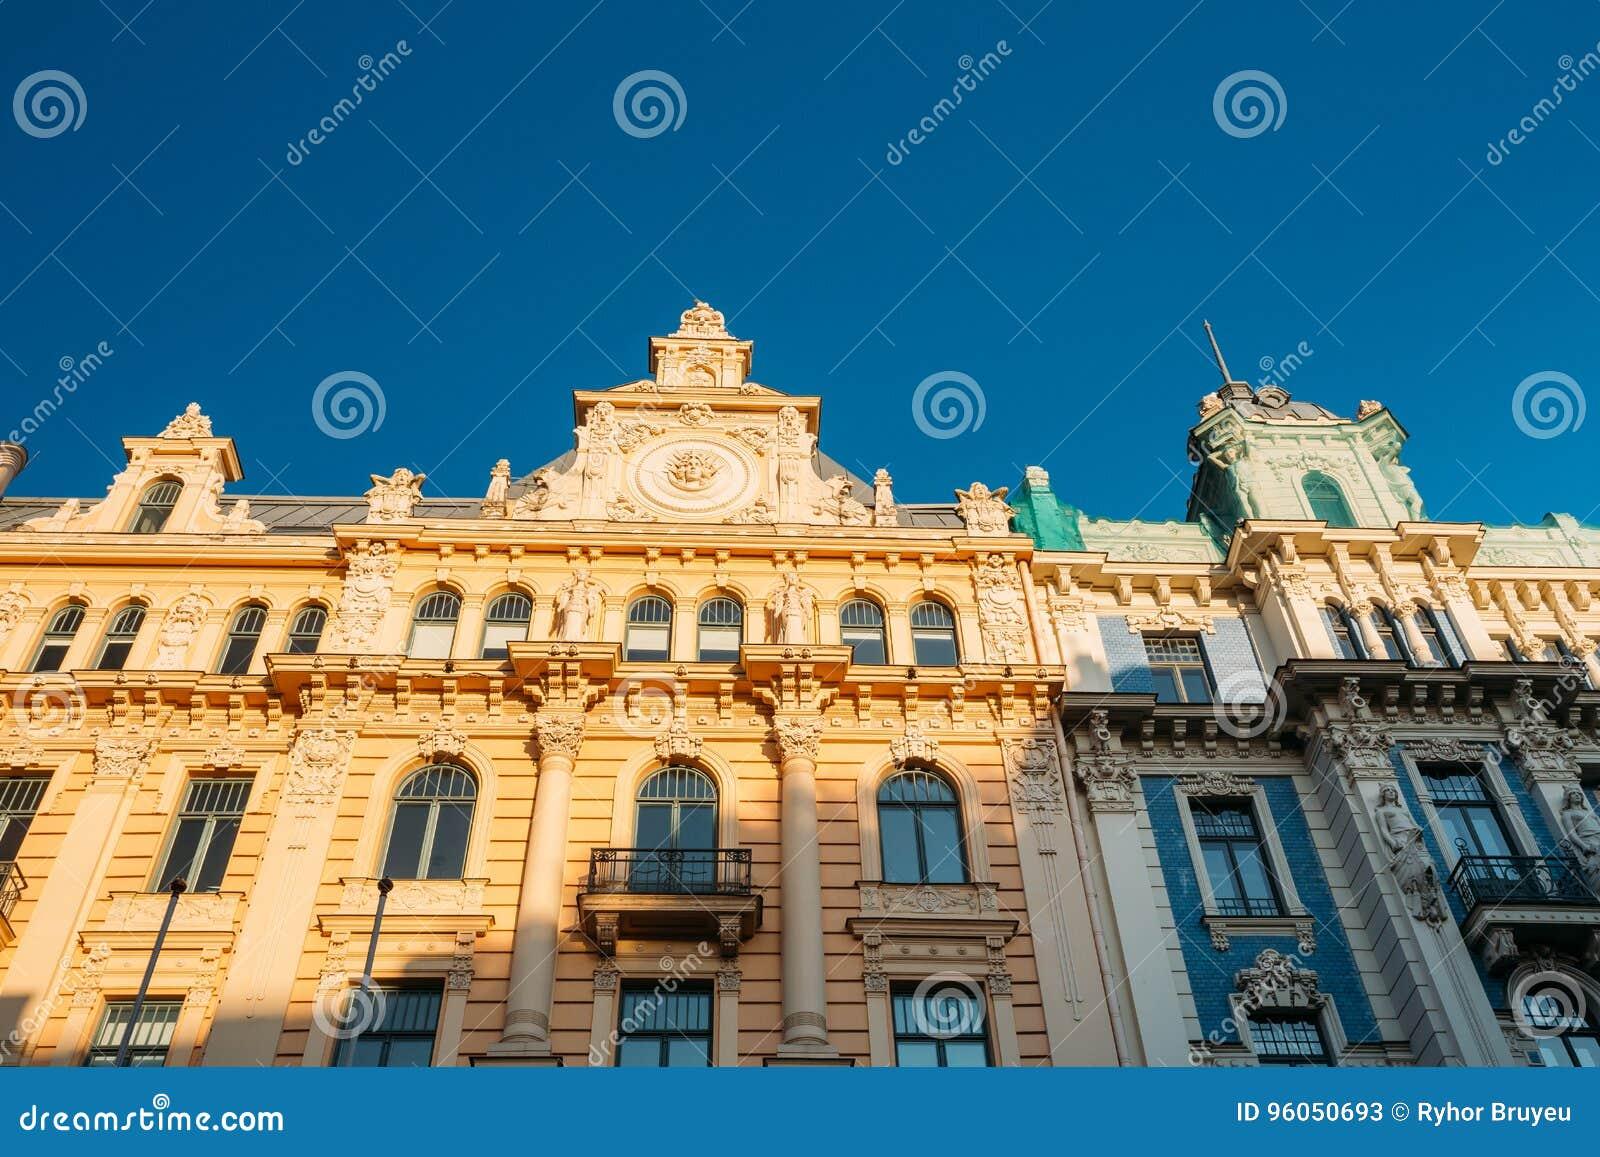 Riga, Lettonie Art Nouveau Building Designed By Mikhail Eisenstein